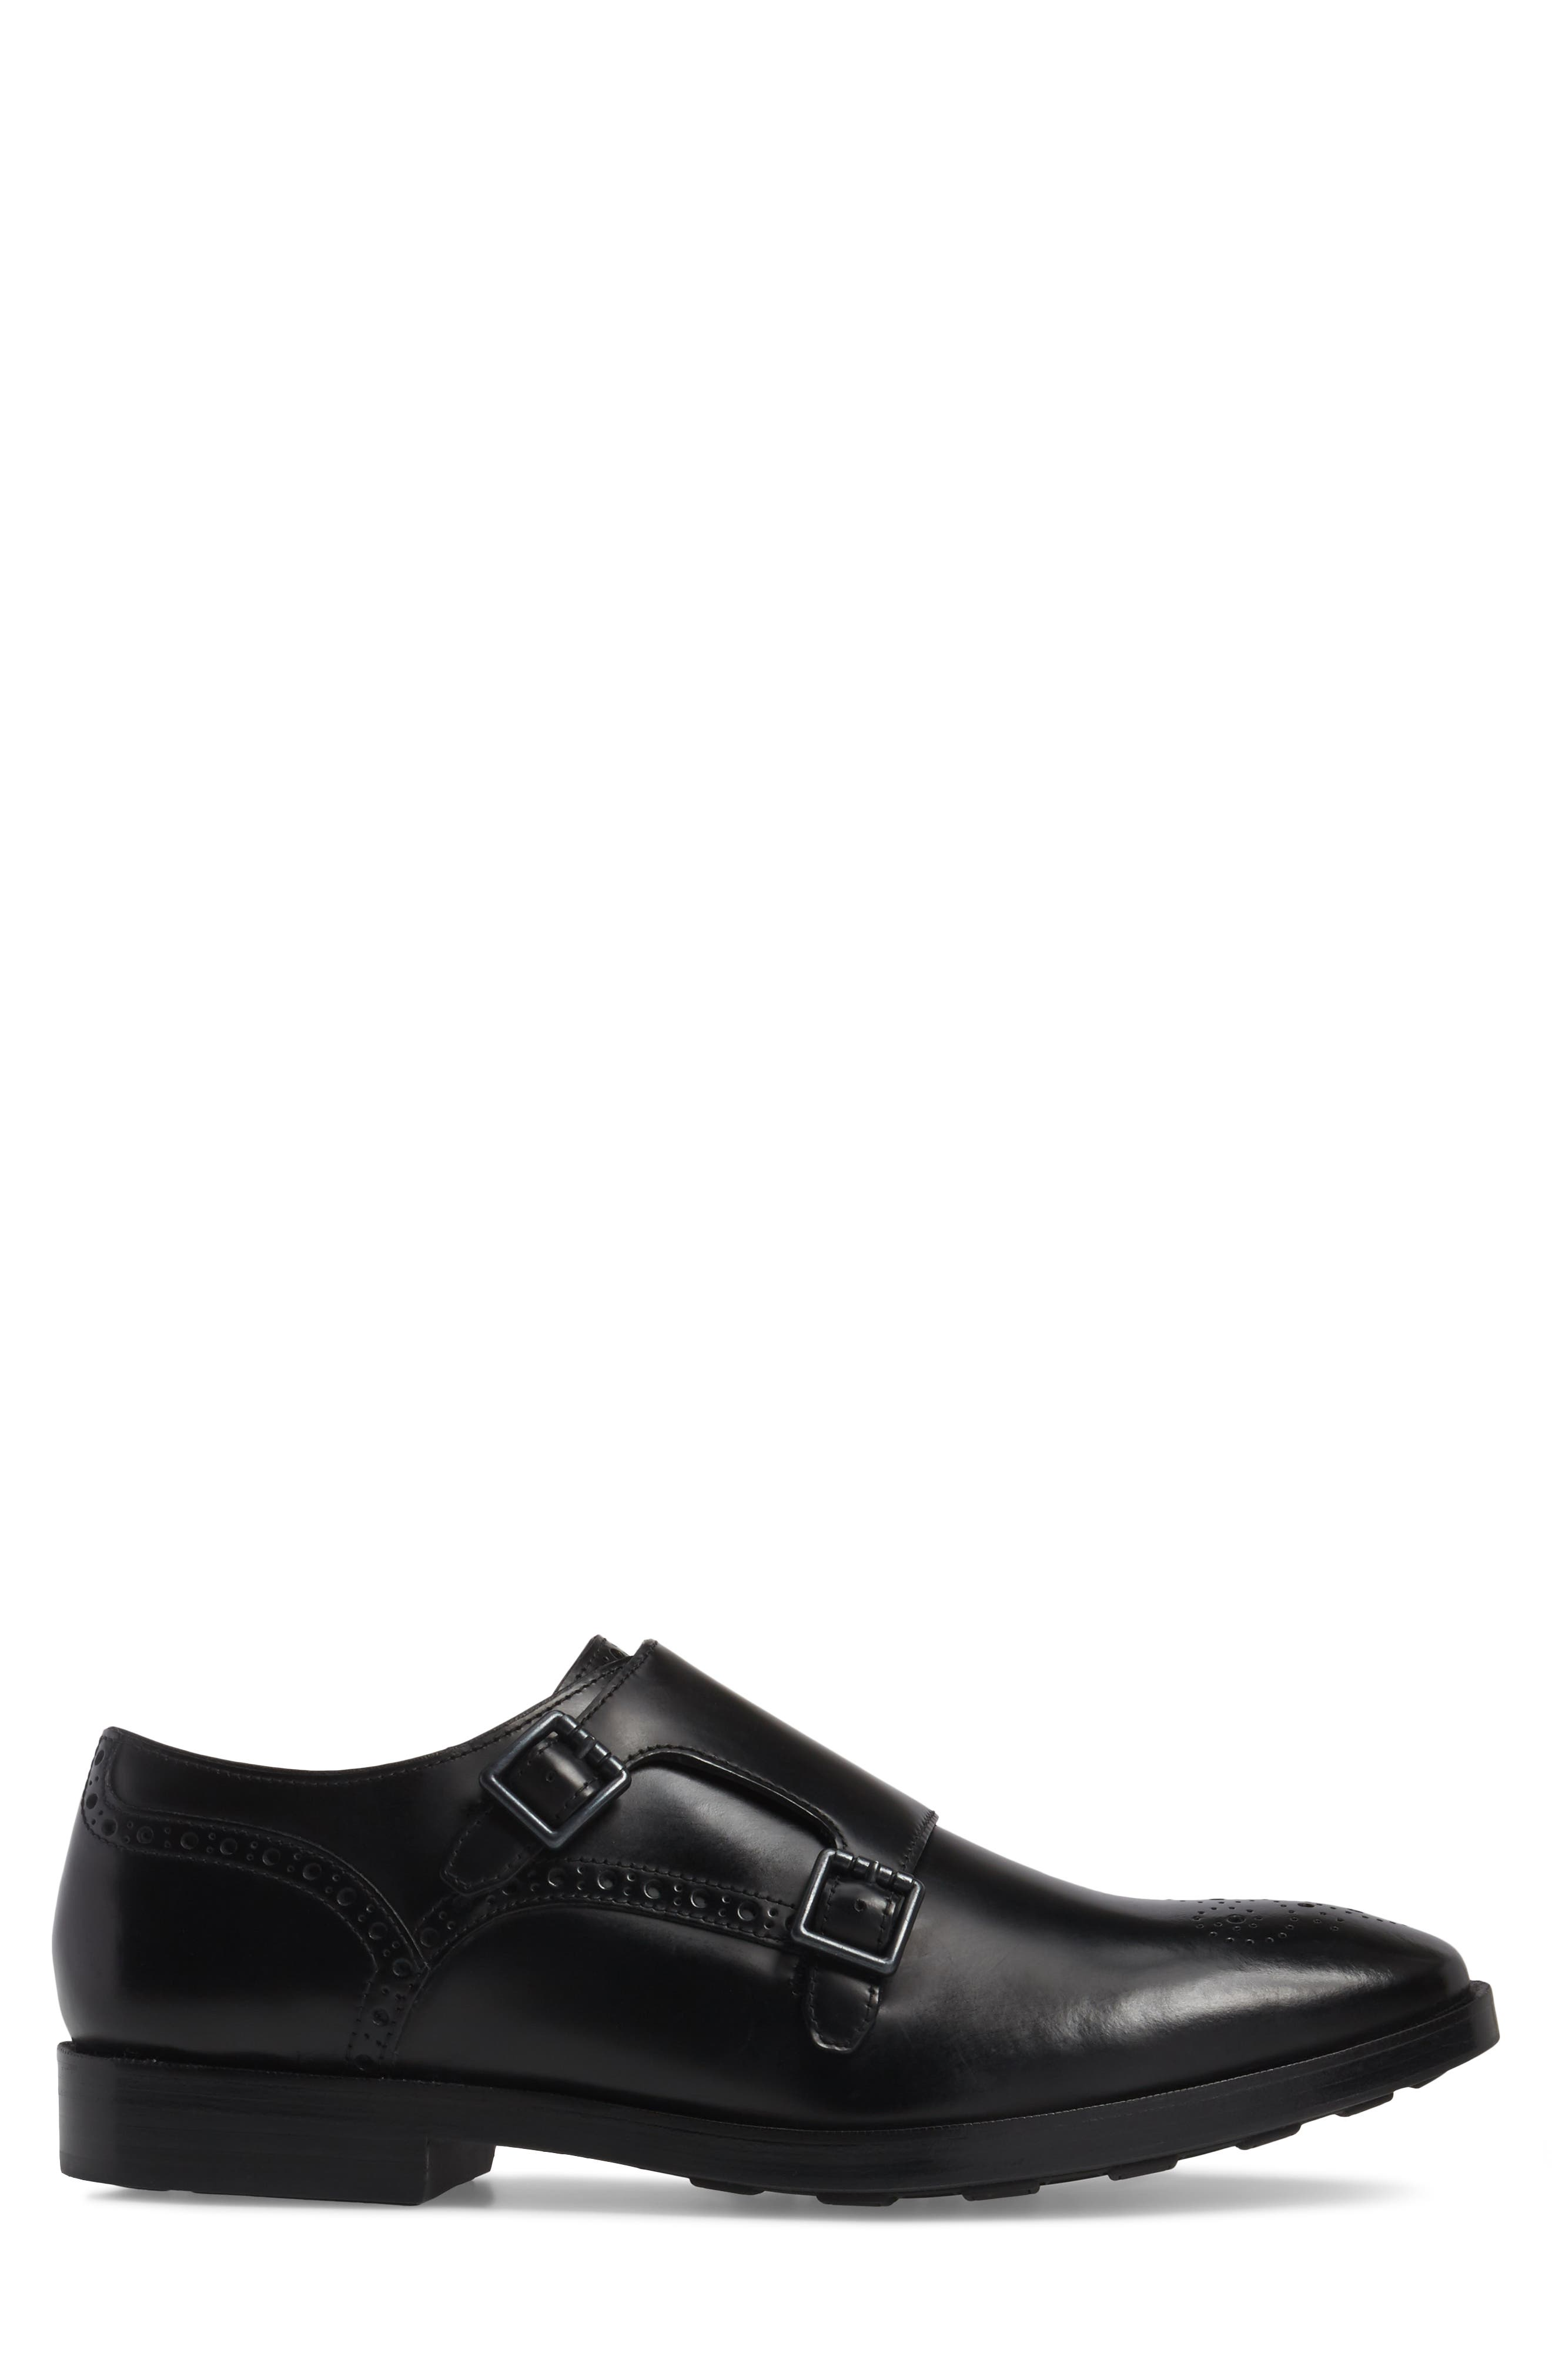 Alternate Image 3  - Cole Haan Hamilton Double Monk Strap Shoe (Men)